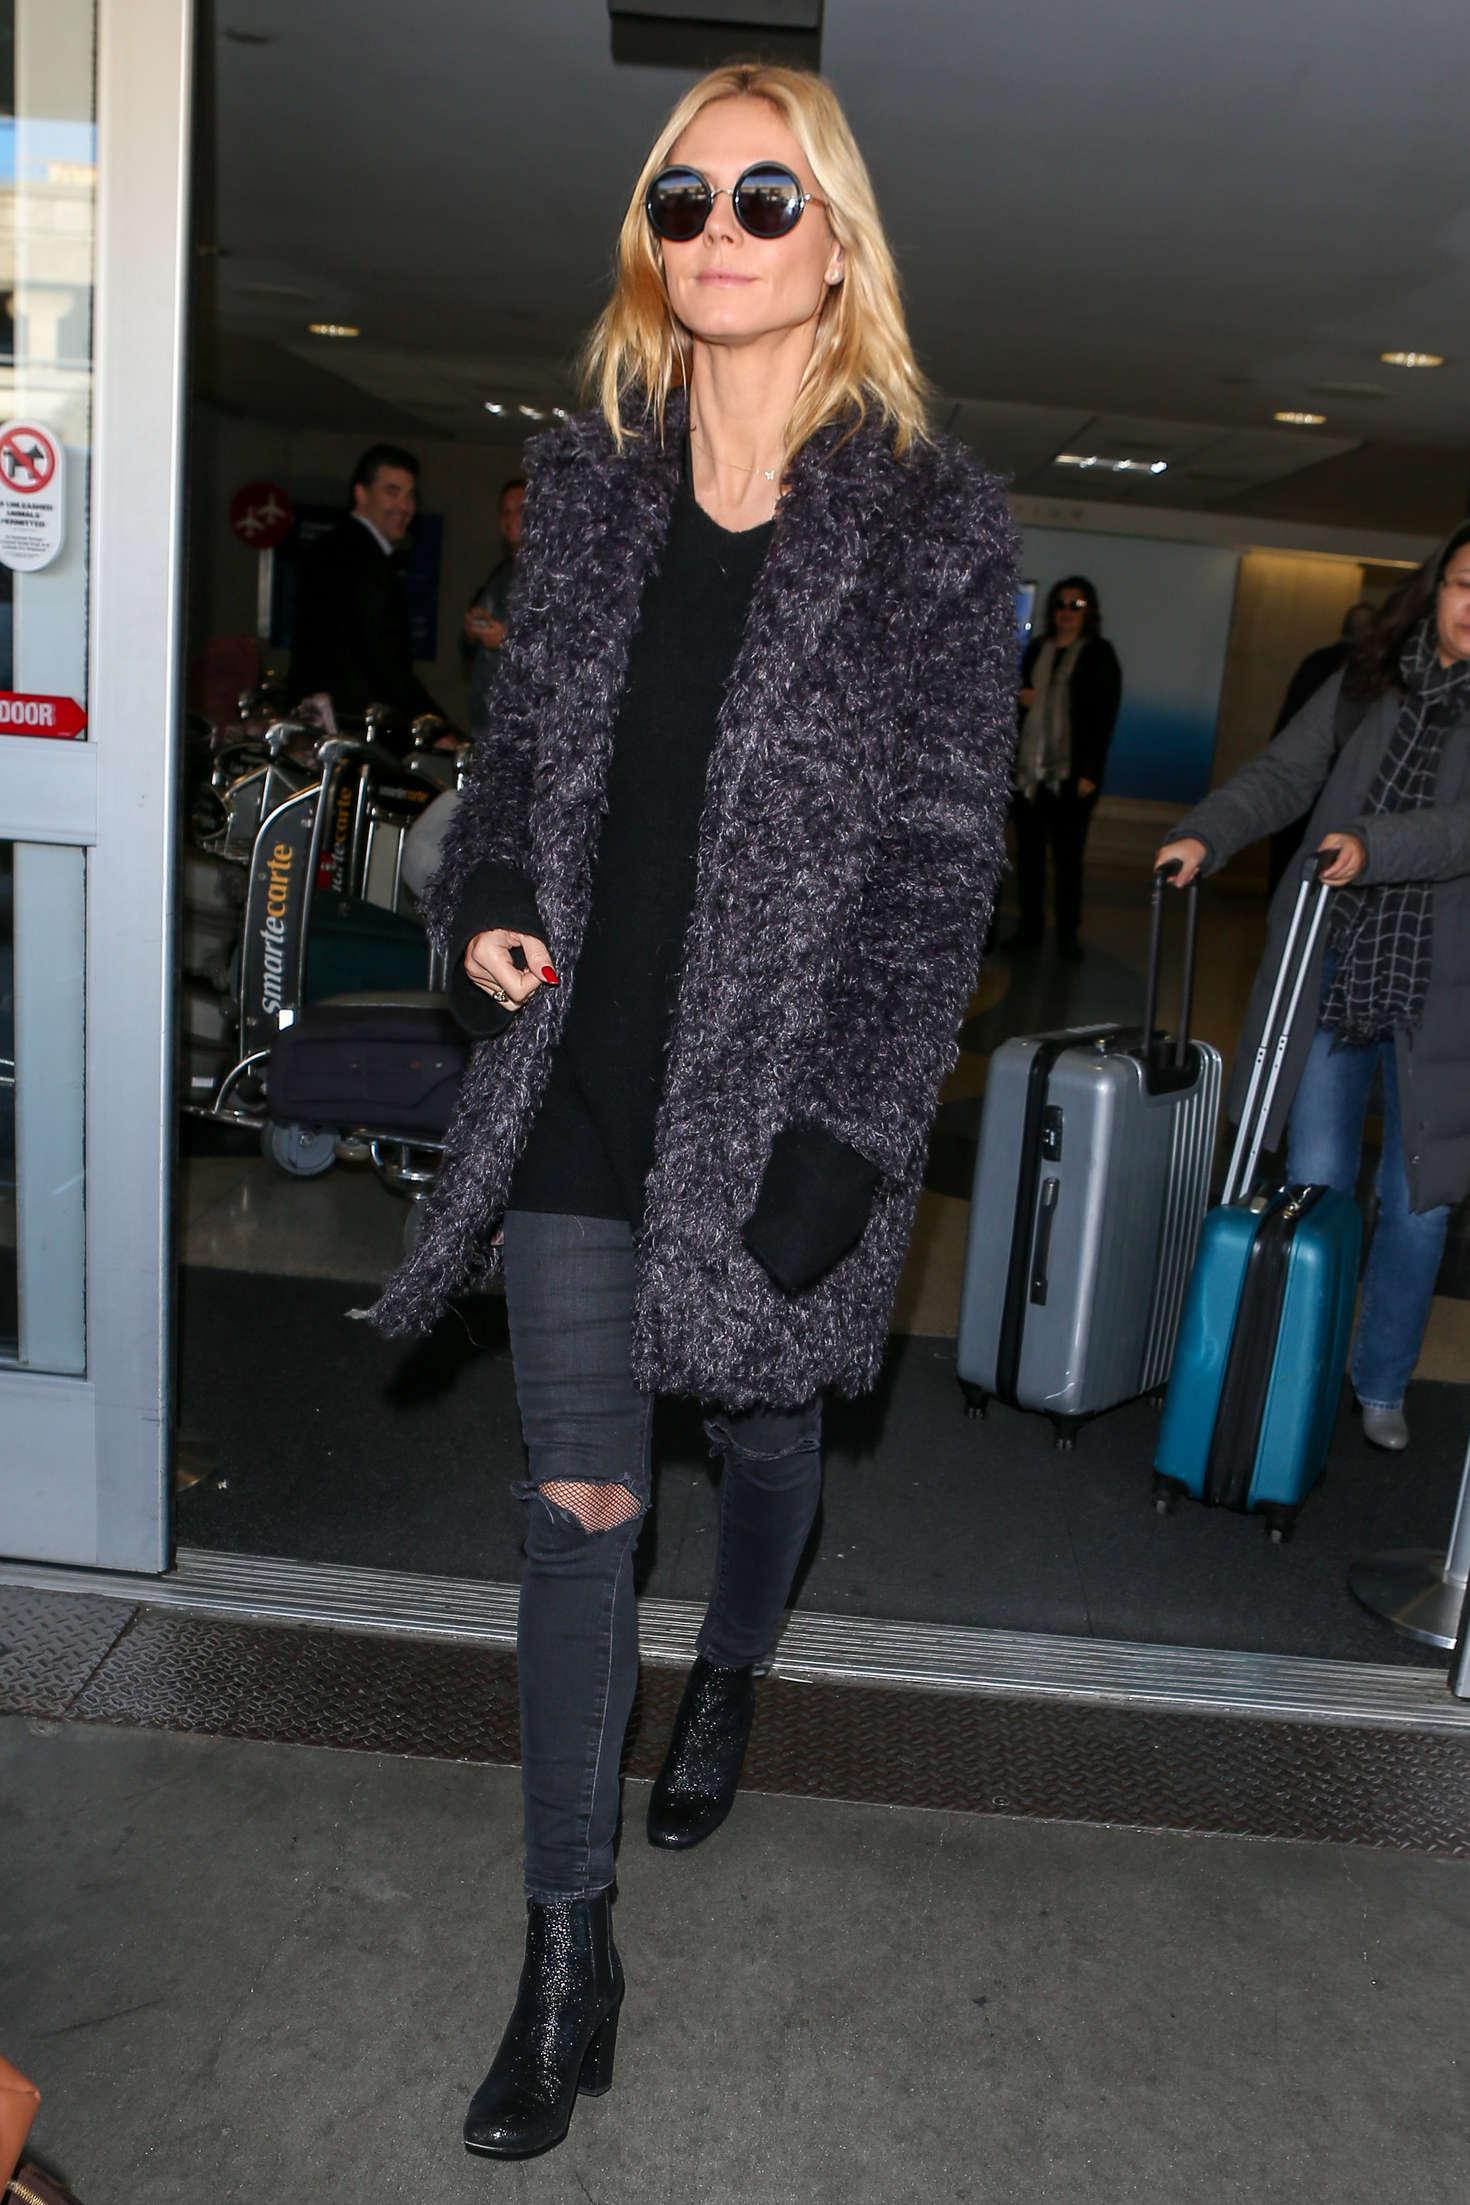 Heidi Klum 2015 : Heidi Klum: Arrives at LAX Airport -04